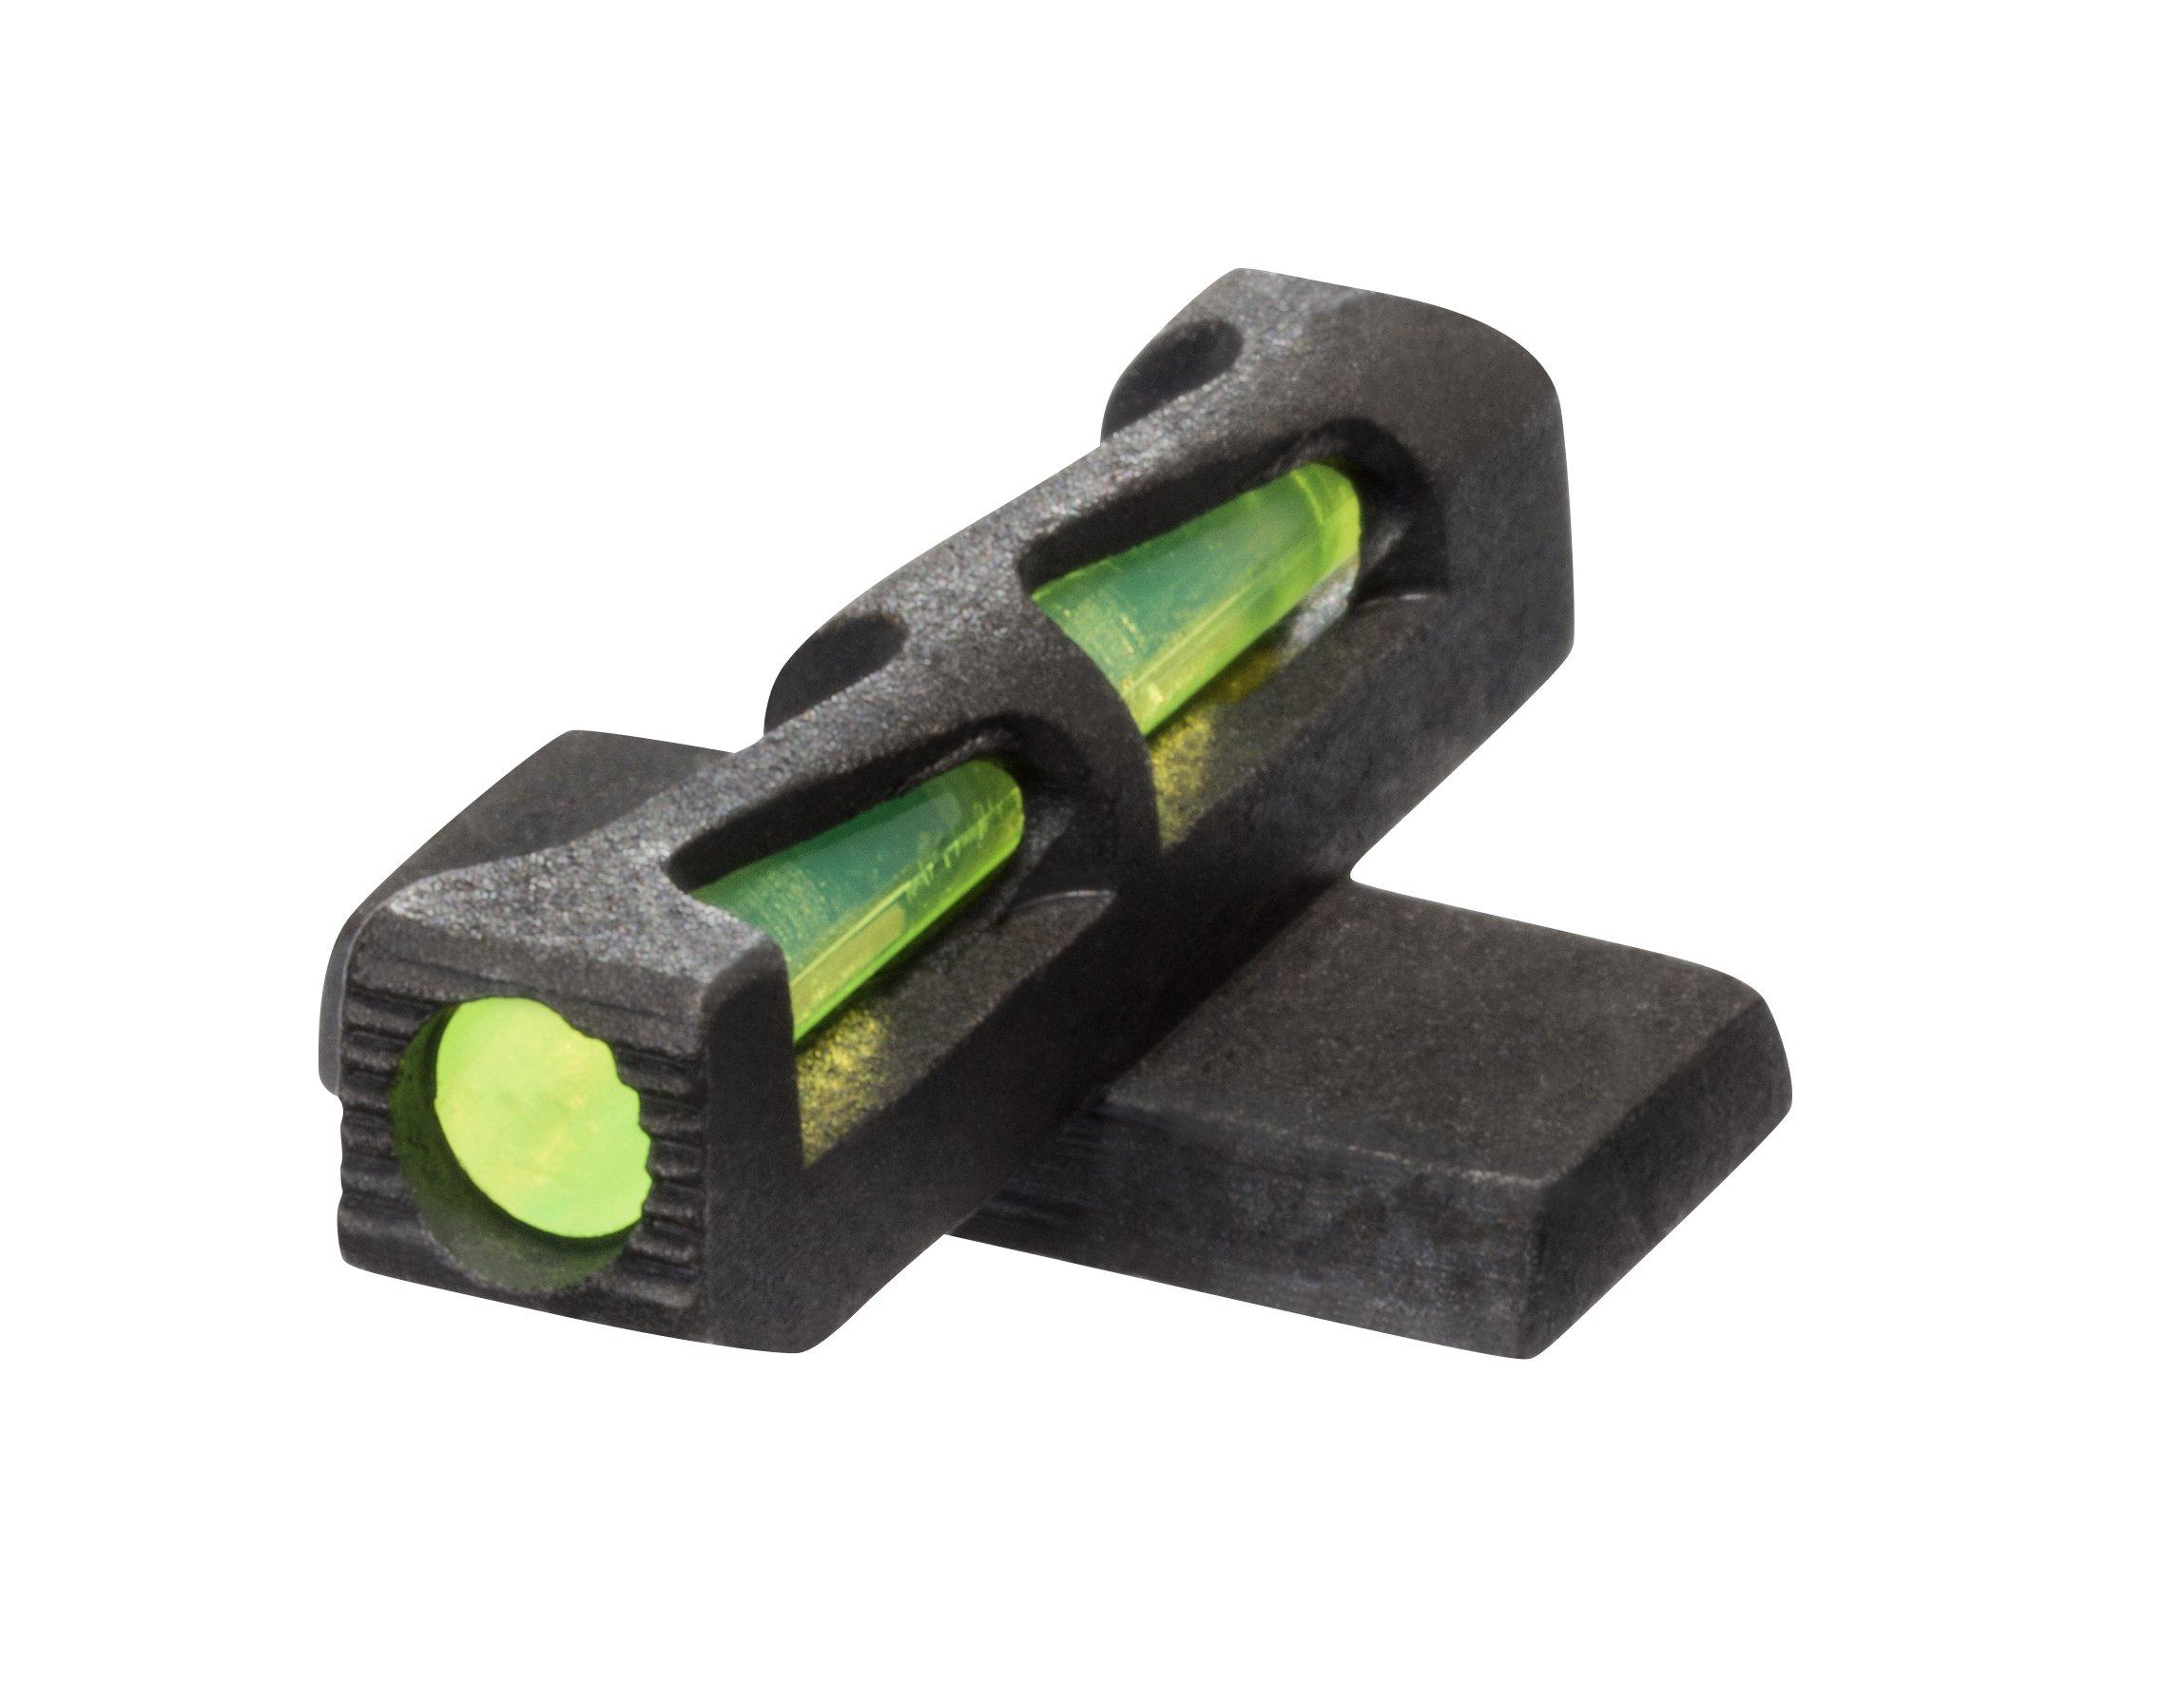 HiViz SGLW08 Interchangeable LITEWAVE Front Handgun Sight for Sig Sauer, 8 by HIVIZ Sight Systems